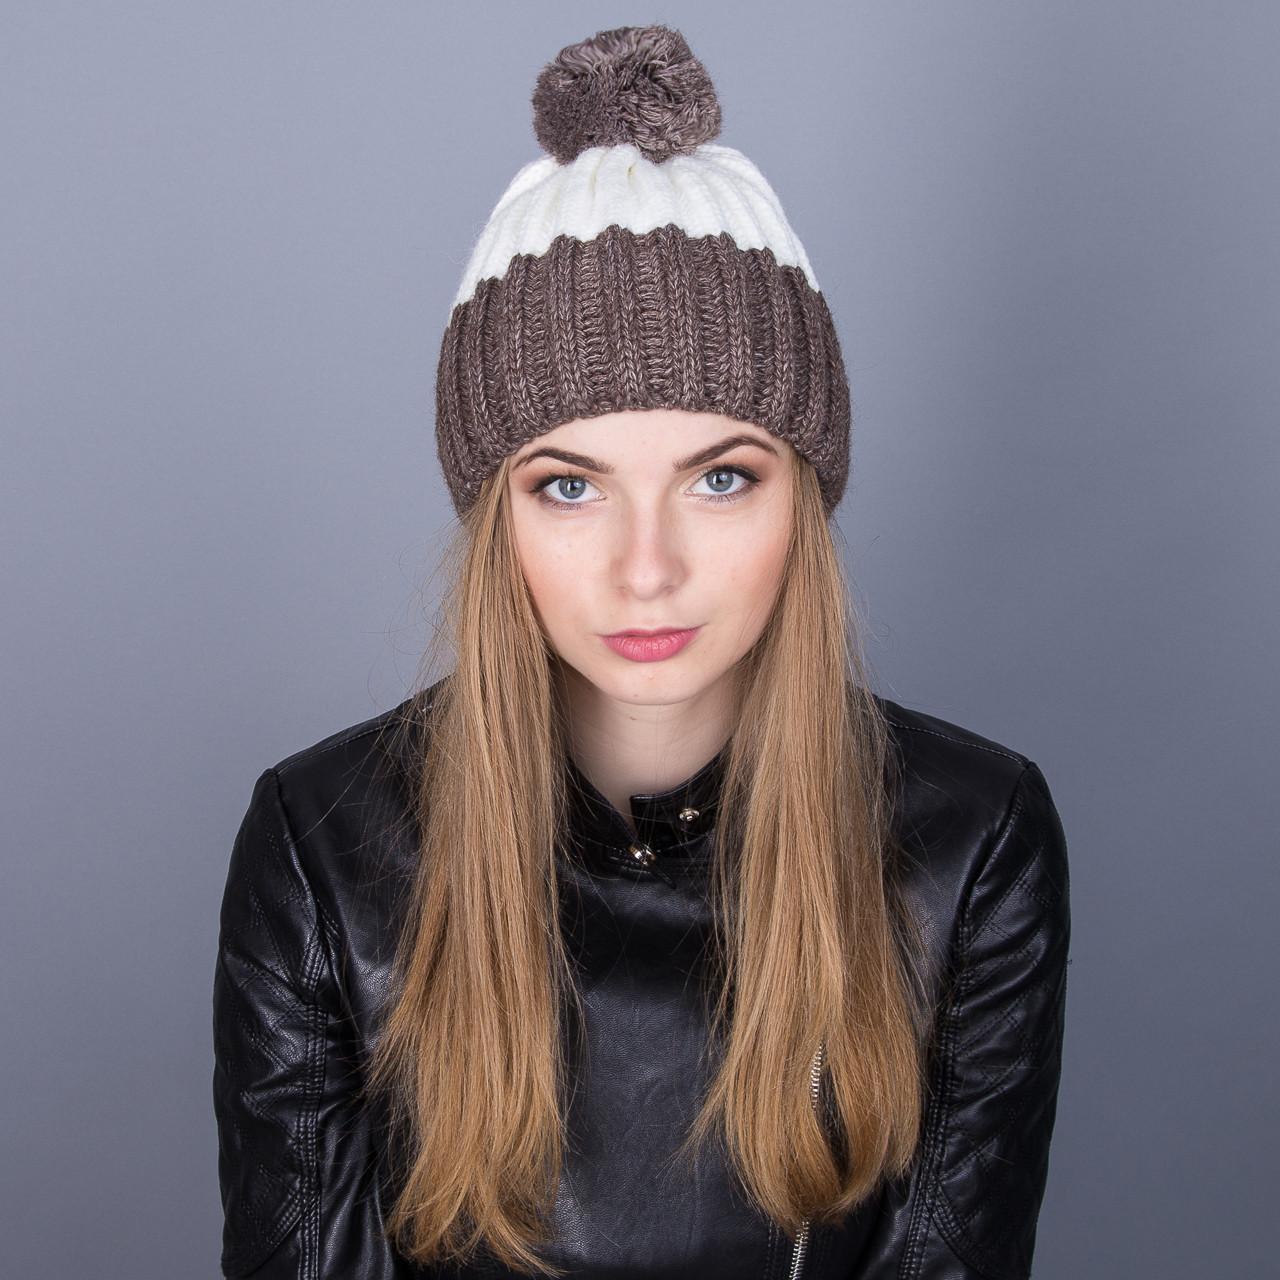 Модная зимняя женская шапка с помпоном крупной вязки из ангорки - Артикул 6995